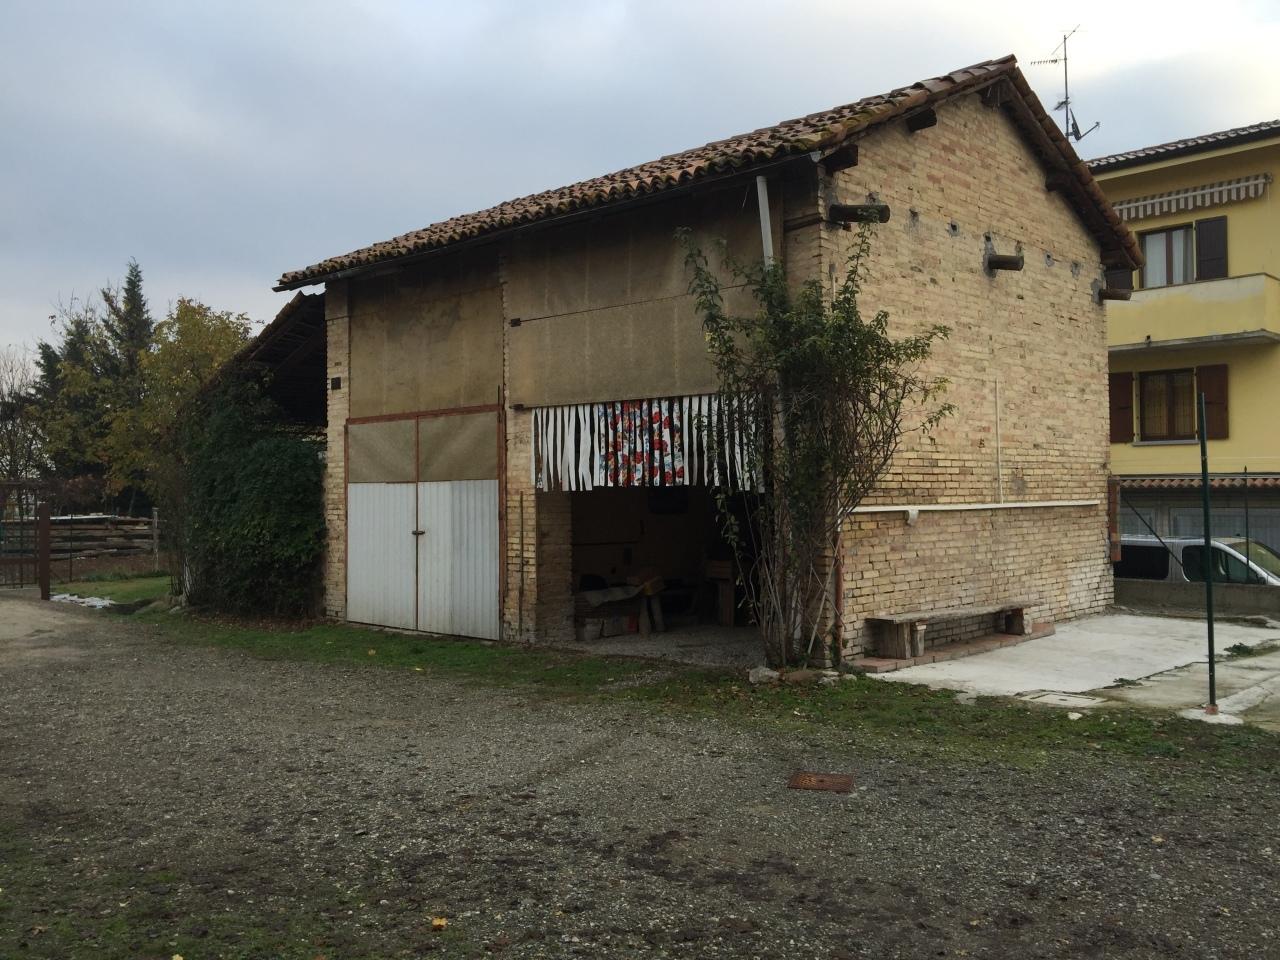 Rustico / Casale in discrete condizioni in vendita Rif. 4142394